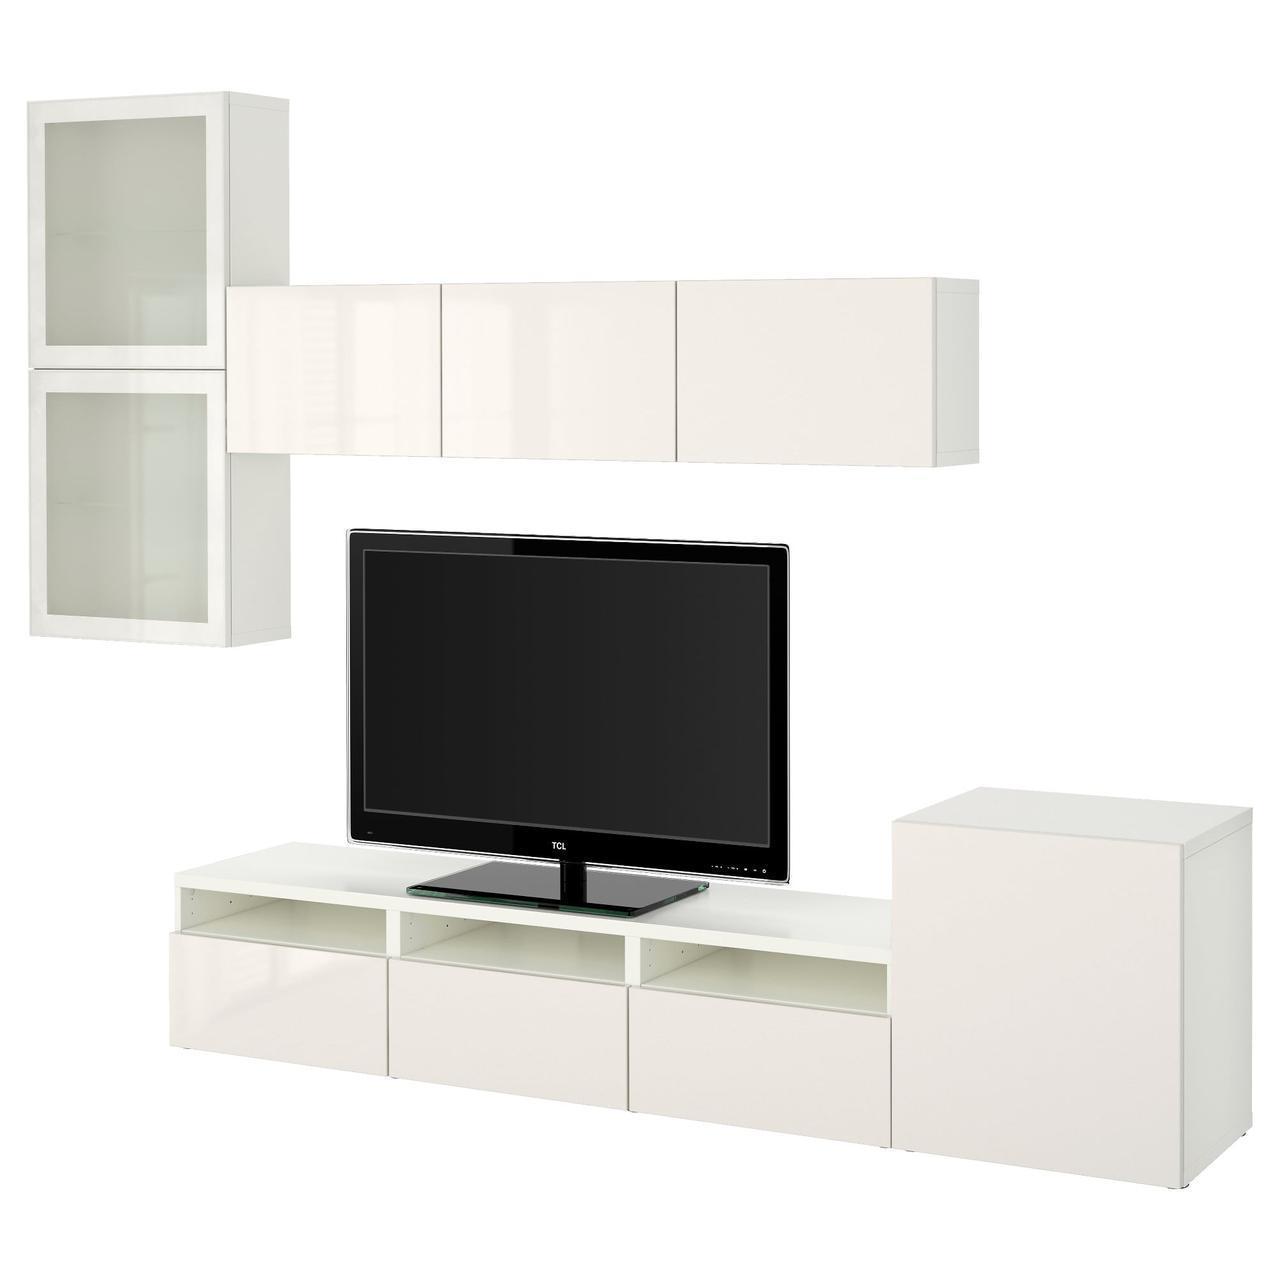 IKEA BESTA Тумба под телевизор с стеклянными дверьми, белый, Сельсвикен (191.919.57)